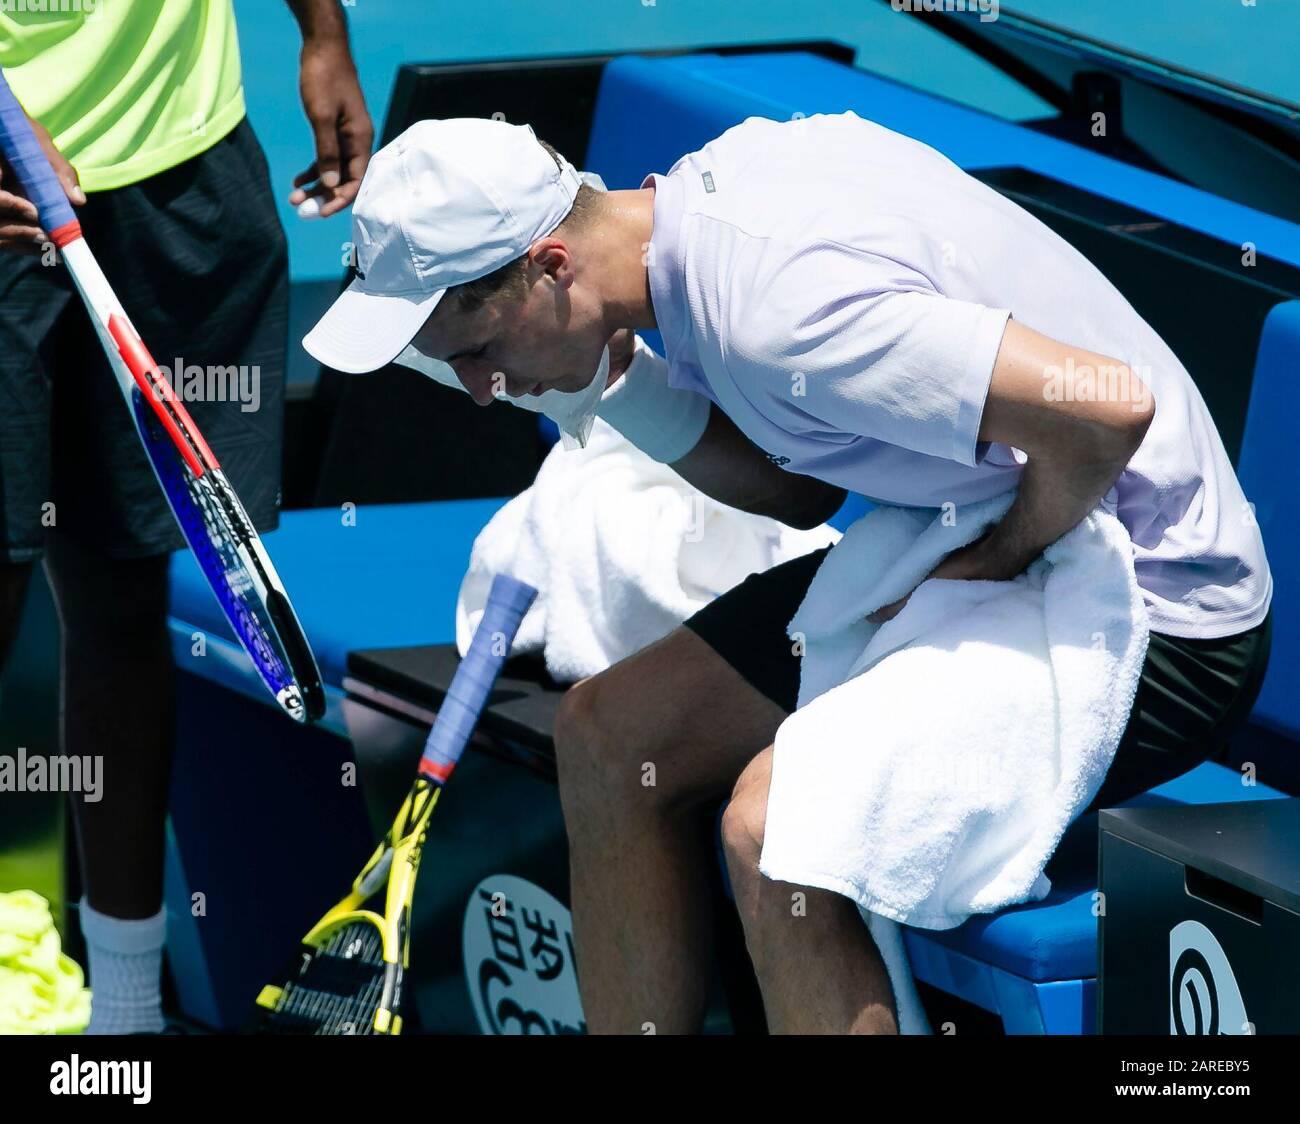 Melbourne, Australien. Januar 2020. Joe Salisbury aus Großbritannien kühlt sich beim Tennisturnier der Australian Open Grand Slam 2020 in Melbourne, Australien, sein Gesicht mit einem Eispack. Credit: Frank Molter/Alamy Live News Stockfoto